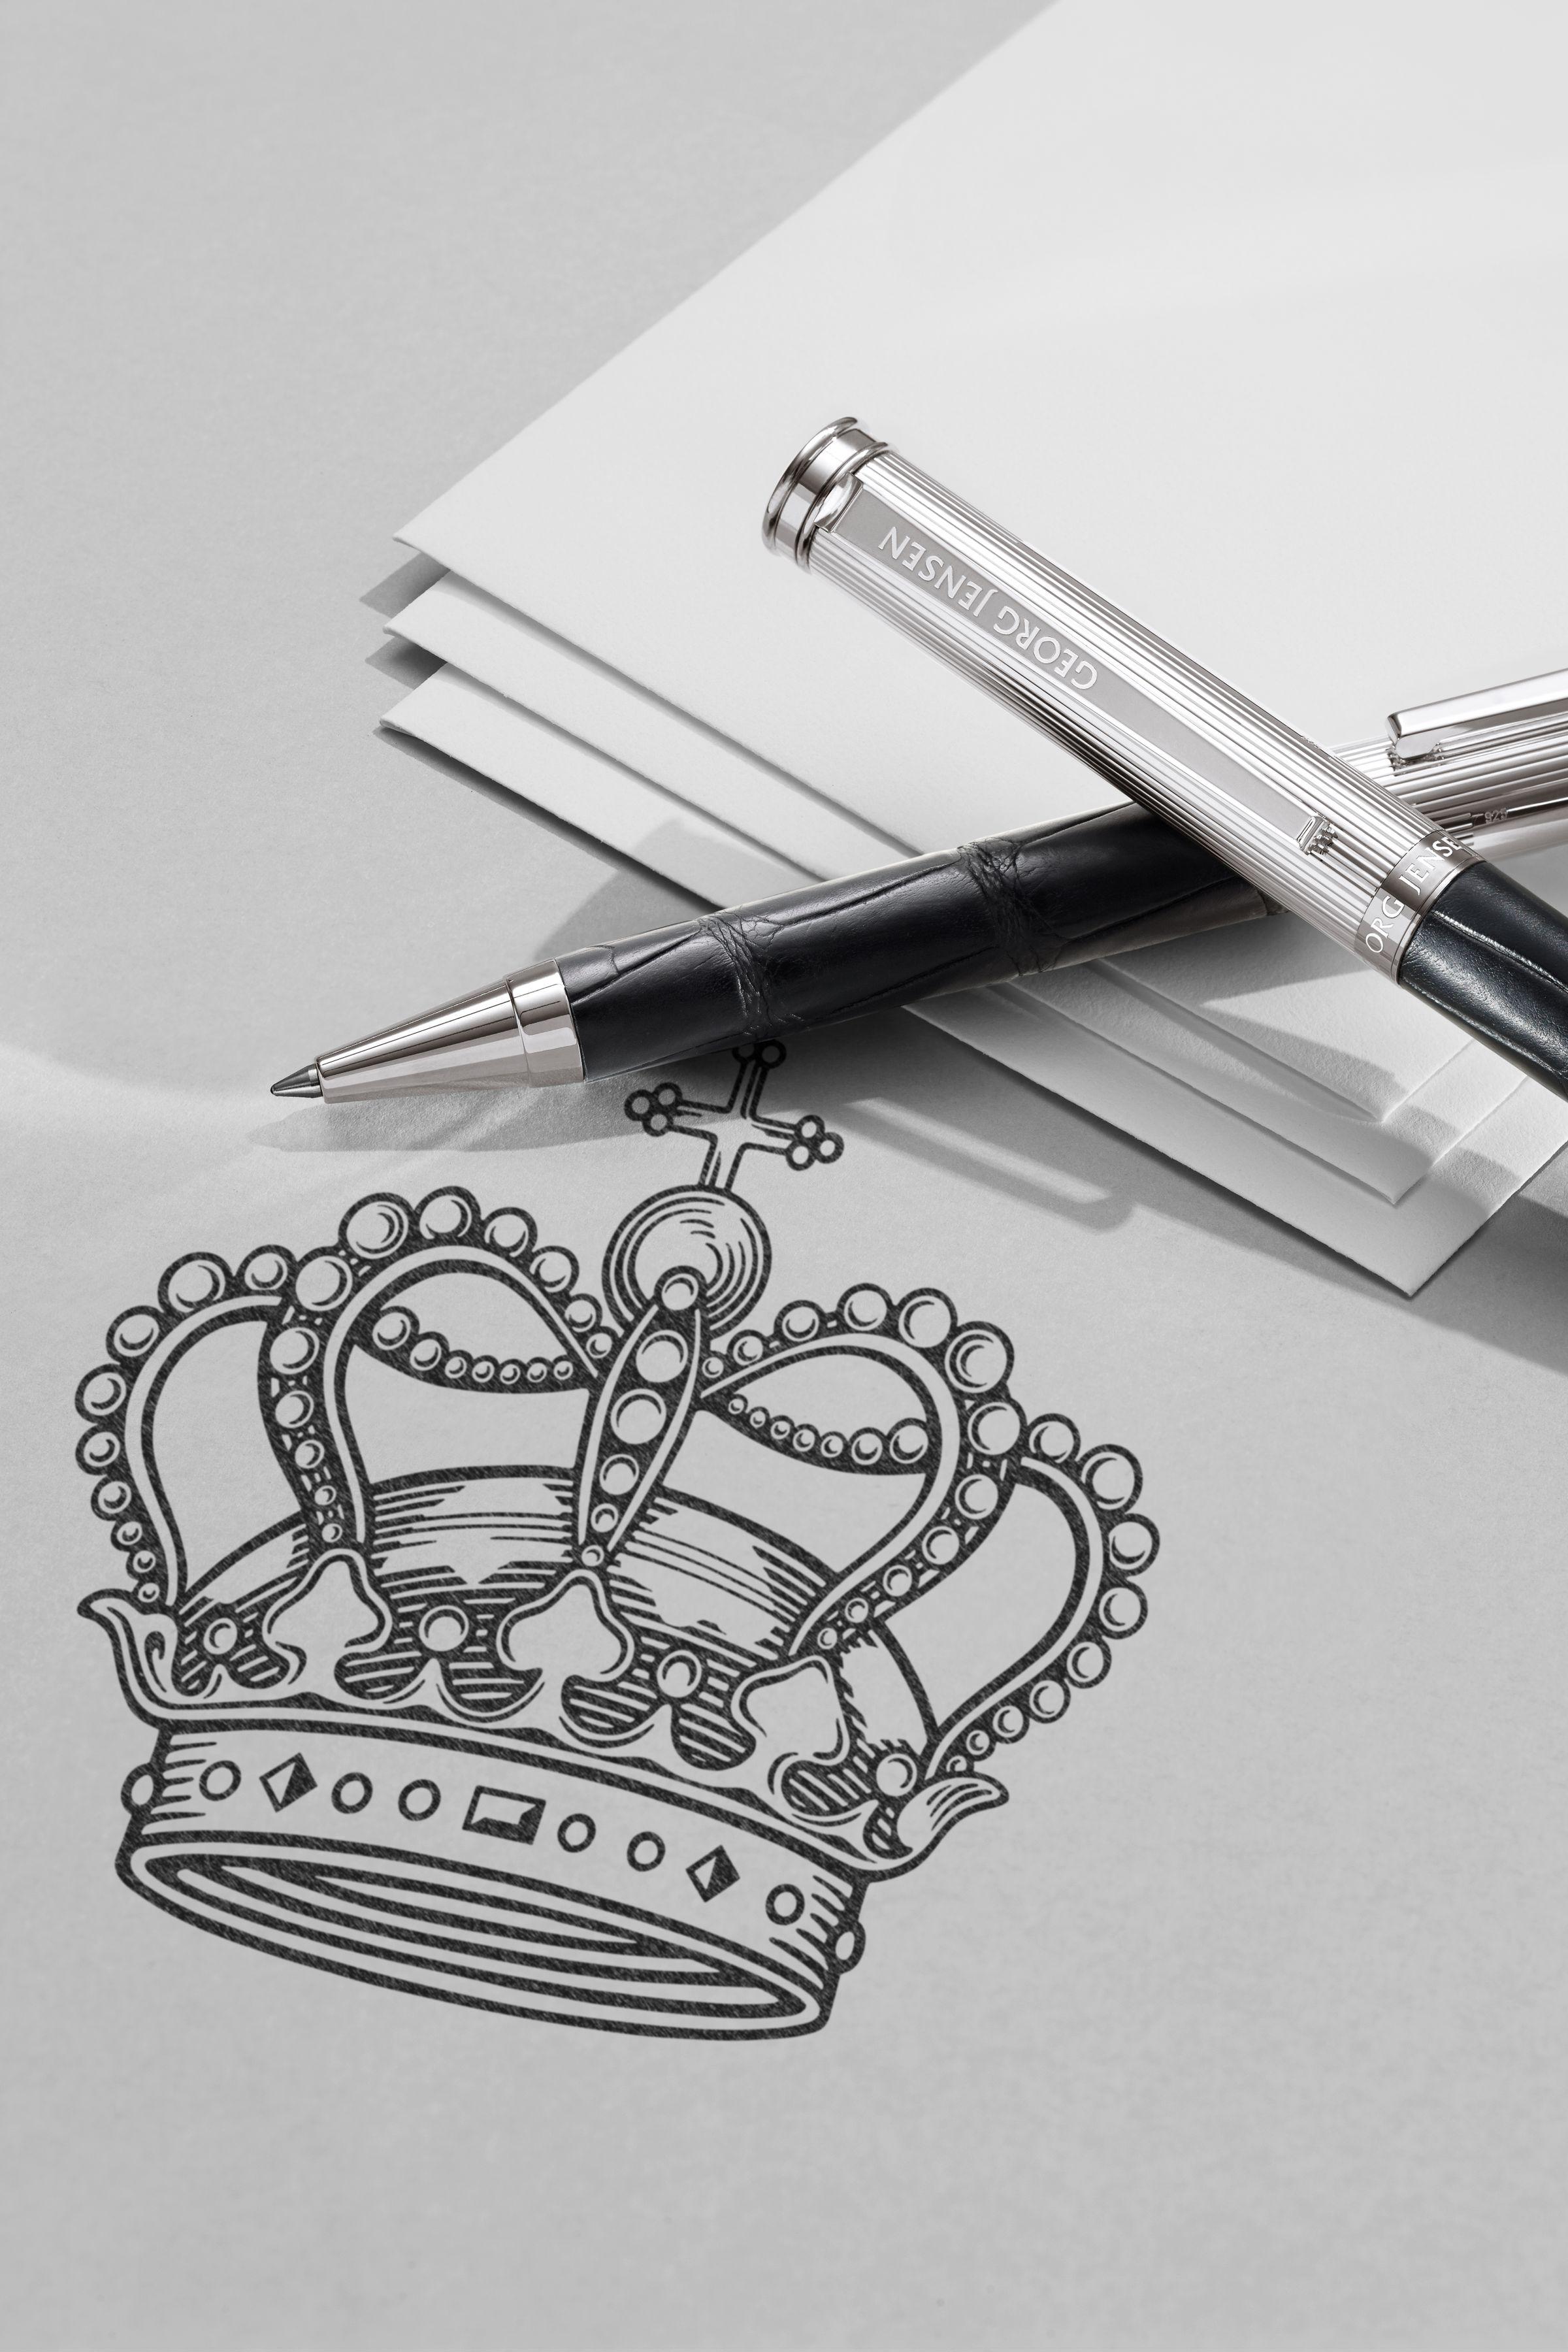 Georg Jensen crown logo design